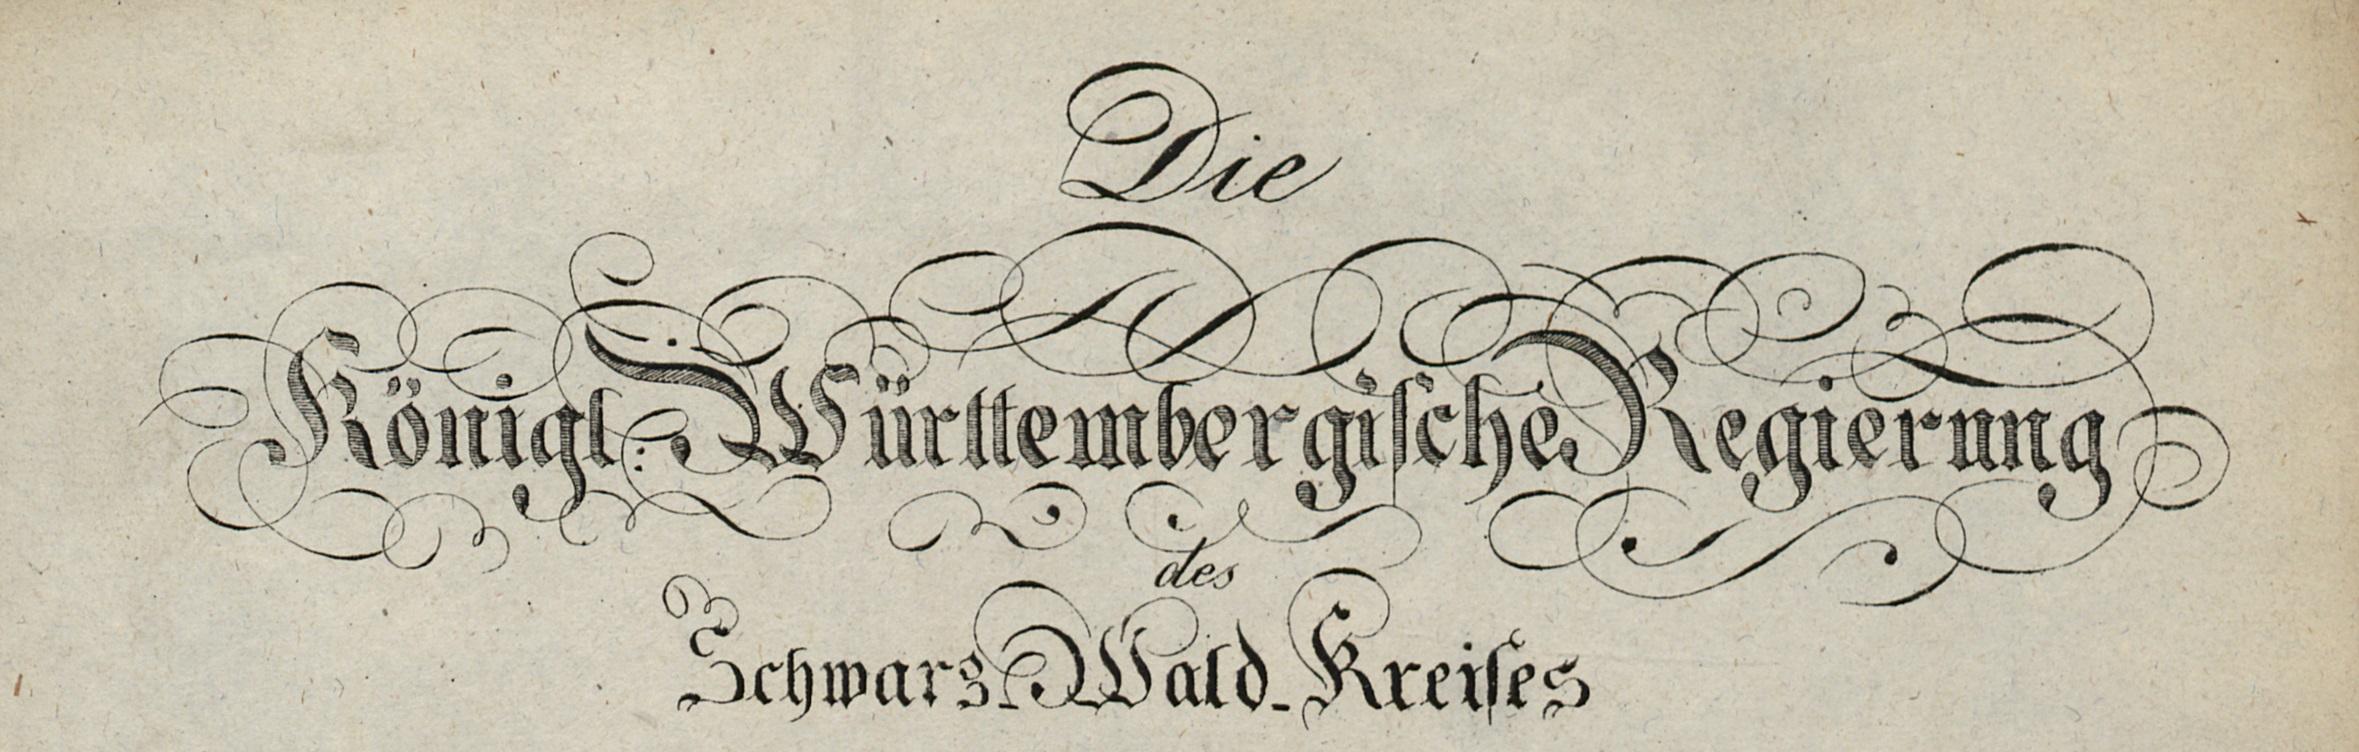 Der ab den 1820er-Jahren verwendete Briefkopf der Kreisregierung.